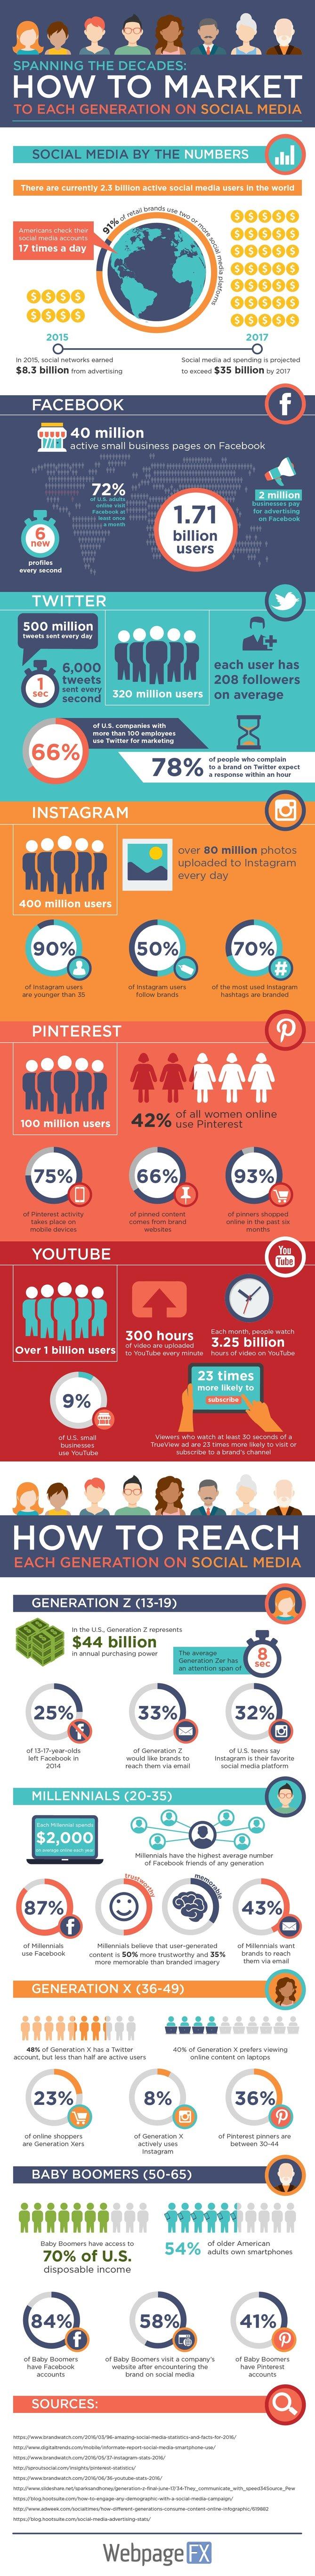 social-media-infographic-1.jpg